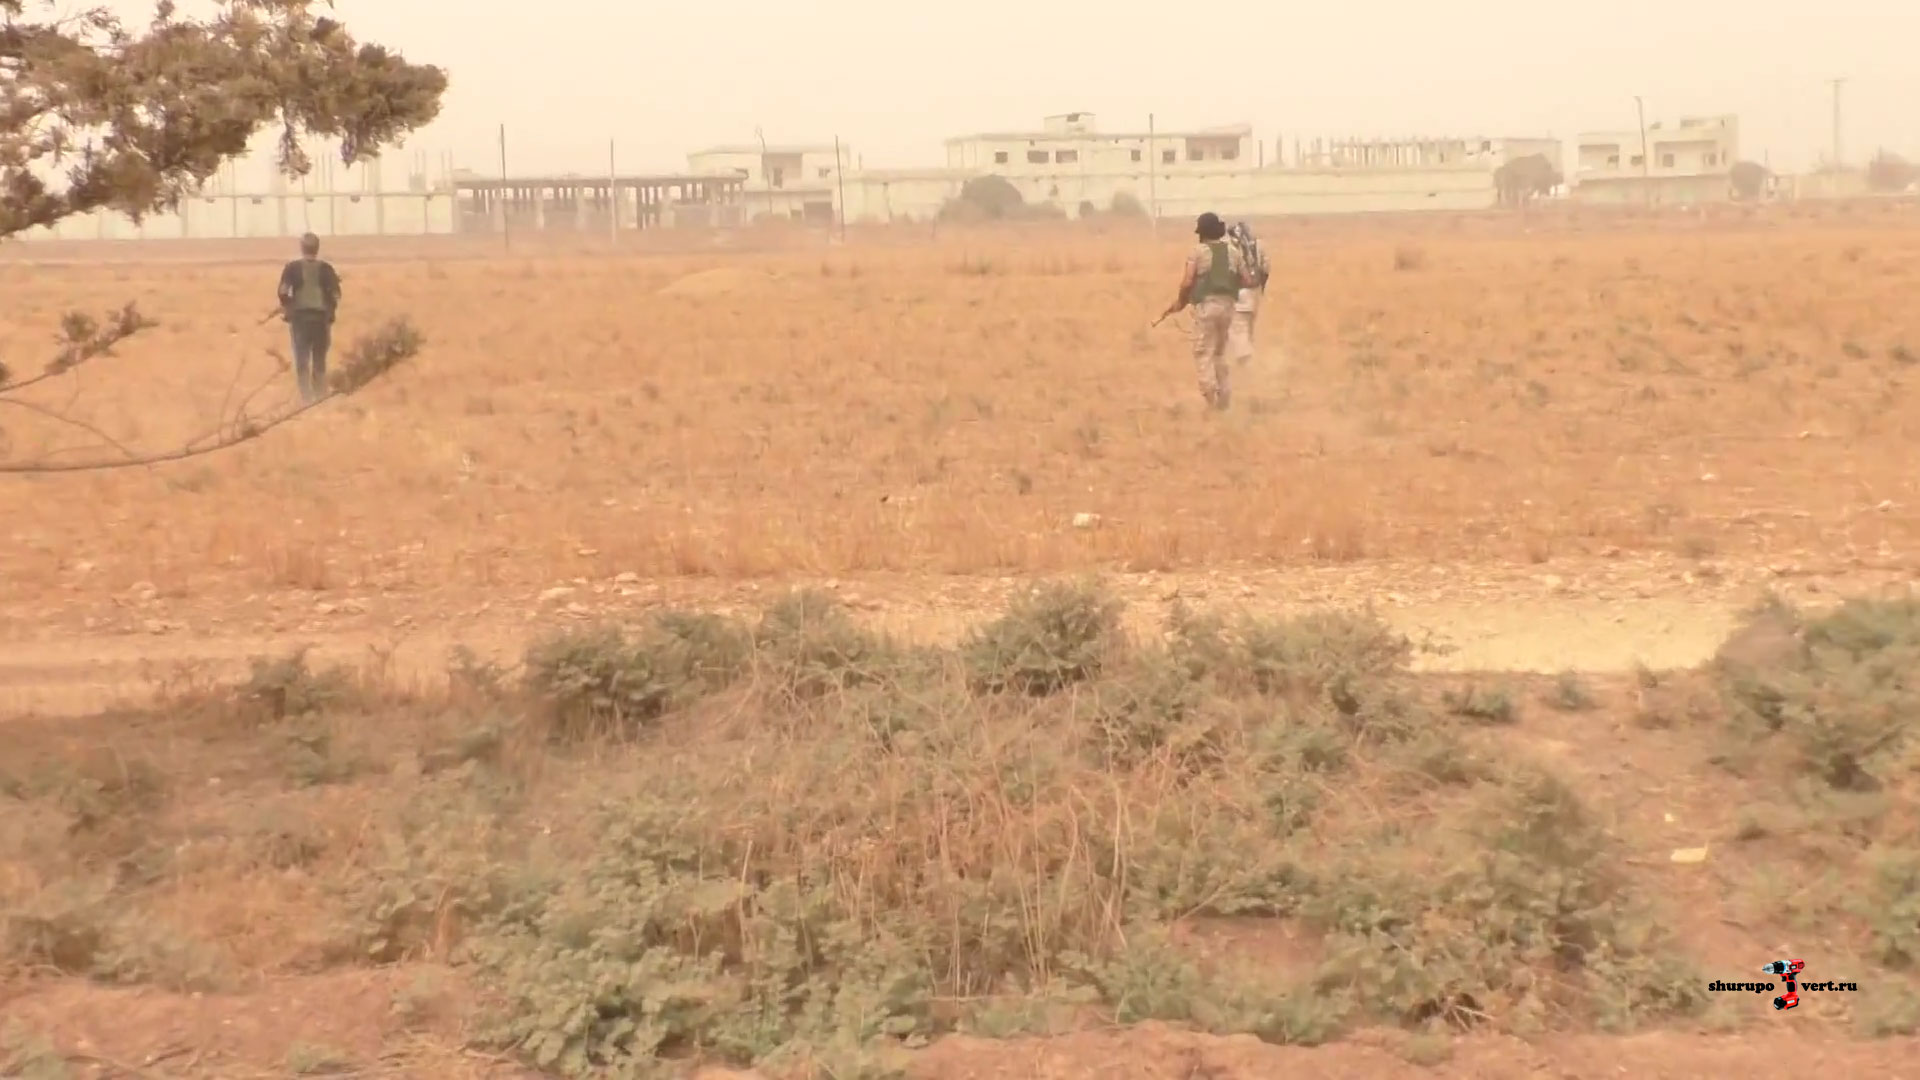 бойцы оппозиции идут в полный рост, возле опустевших зданий аэропорта Абу Дахур